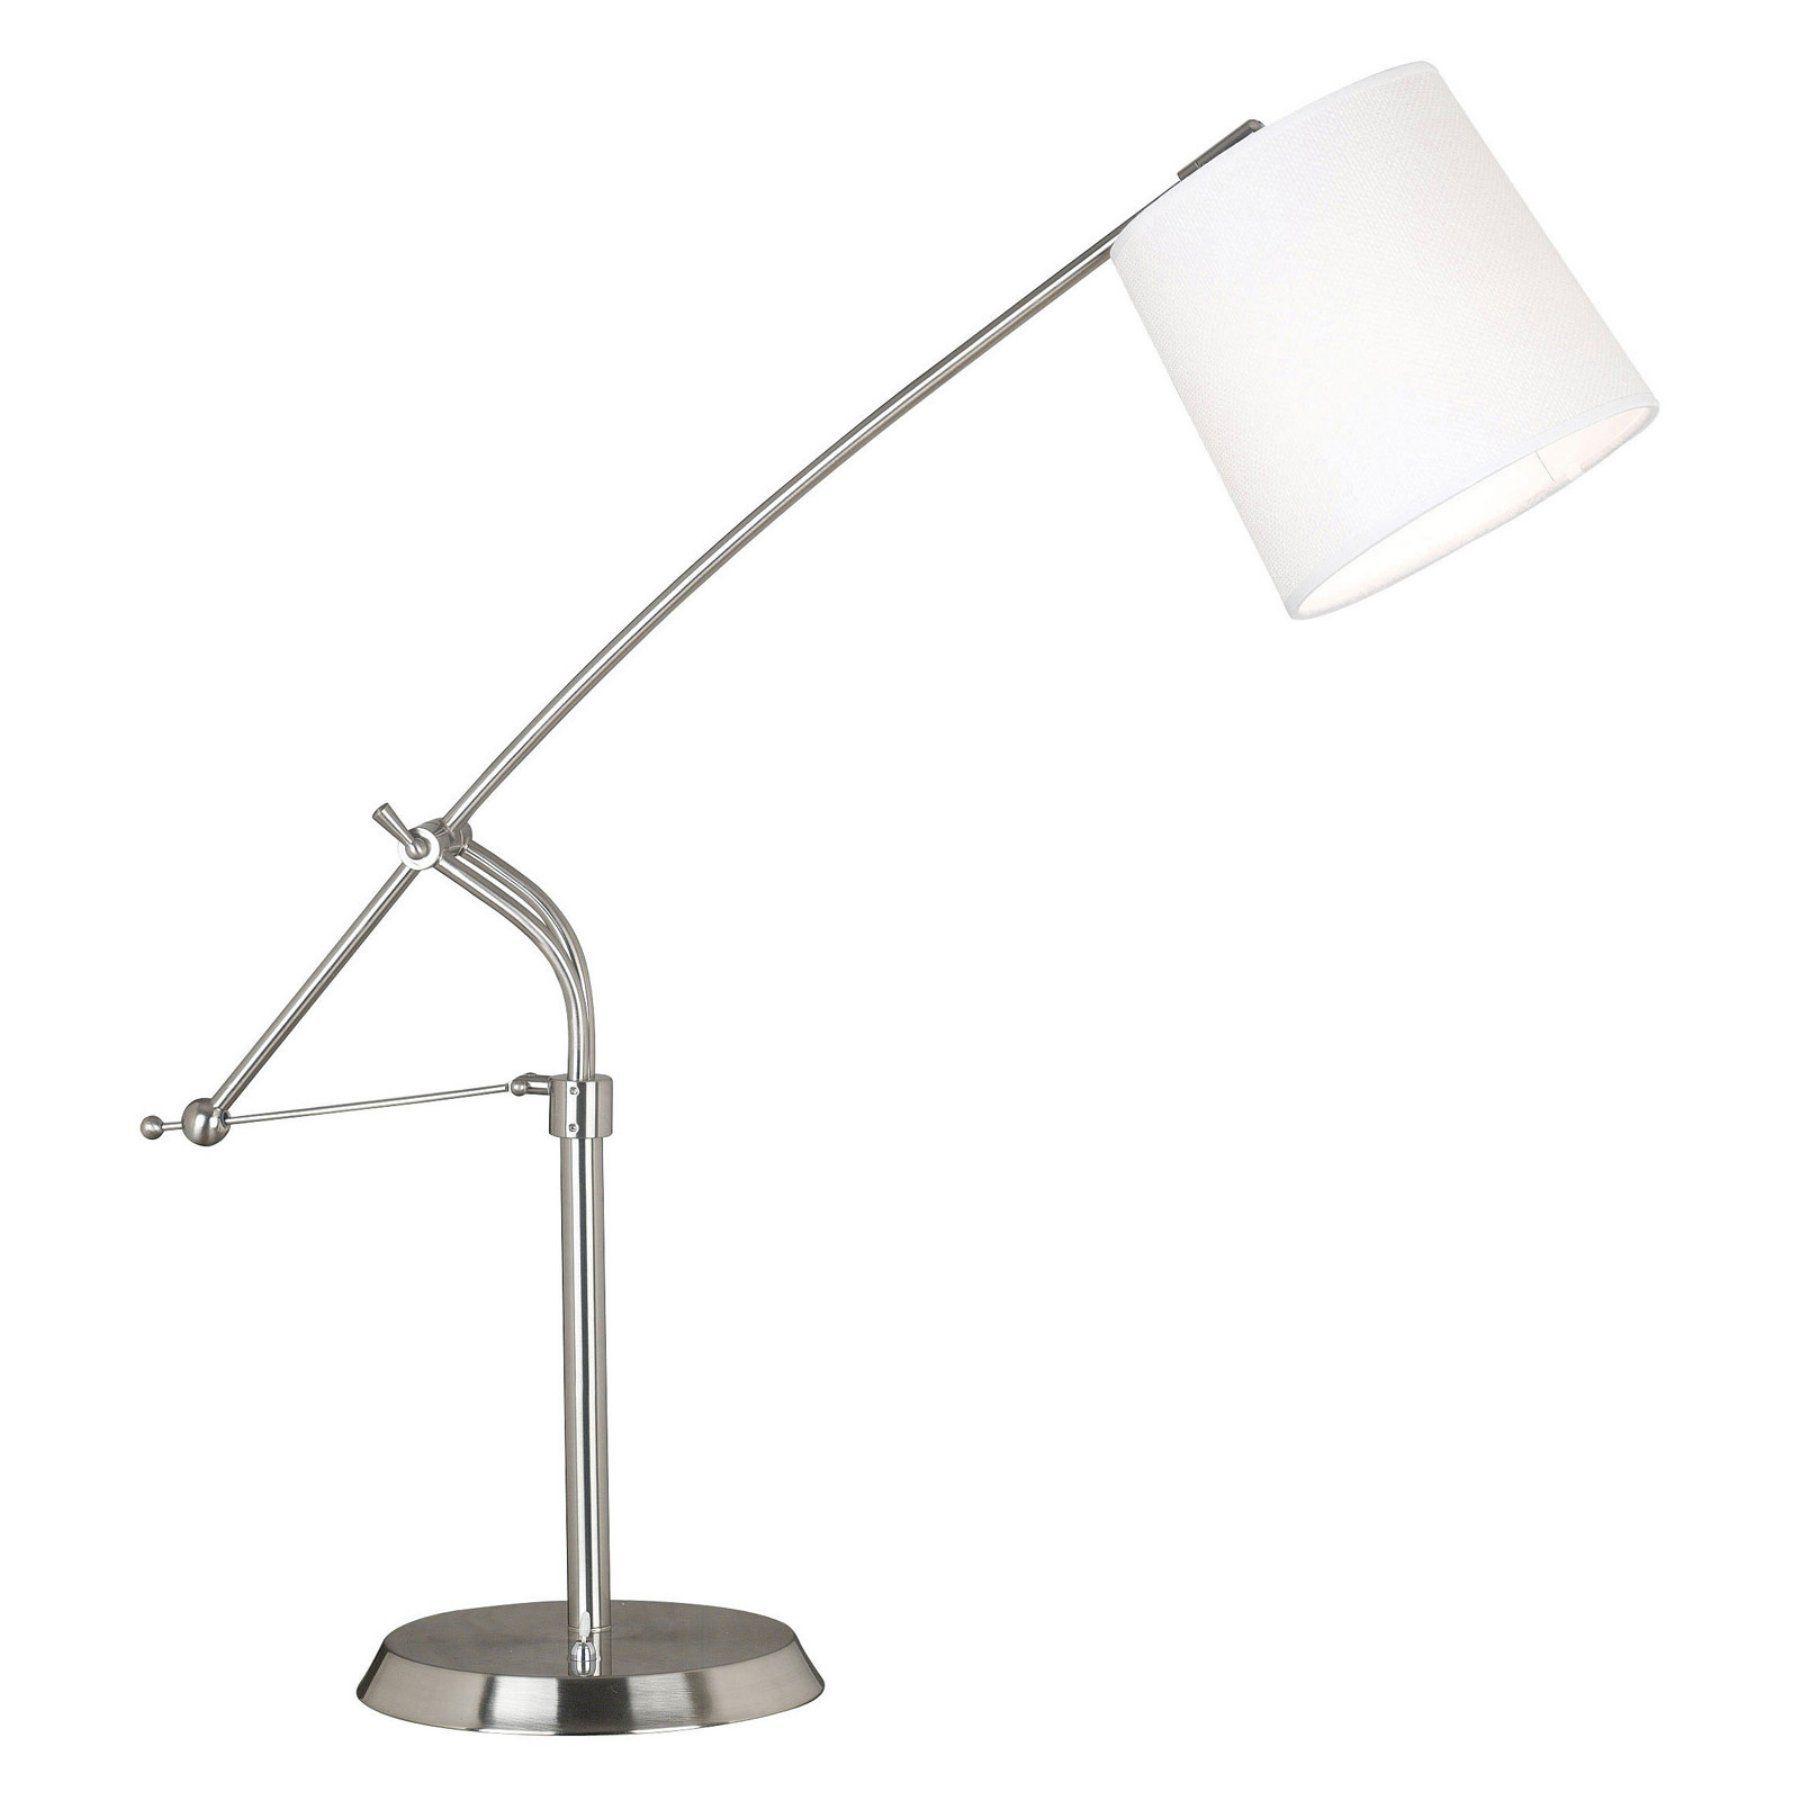 Kenroy Home Reeler Table Lamp Brushed Steel 20813BS